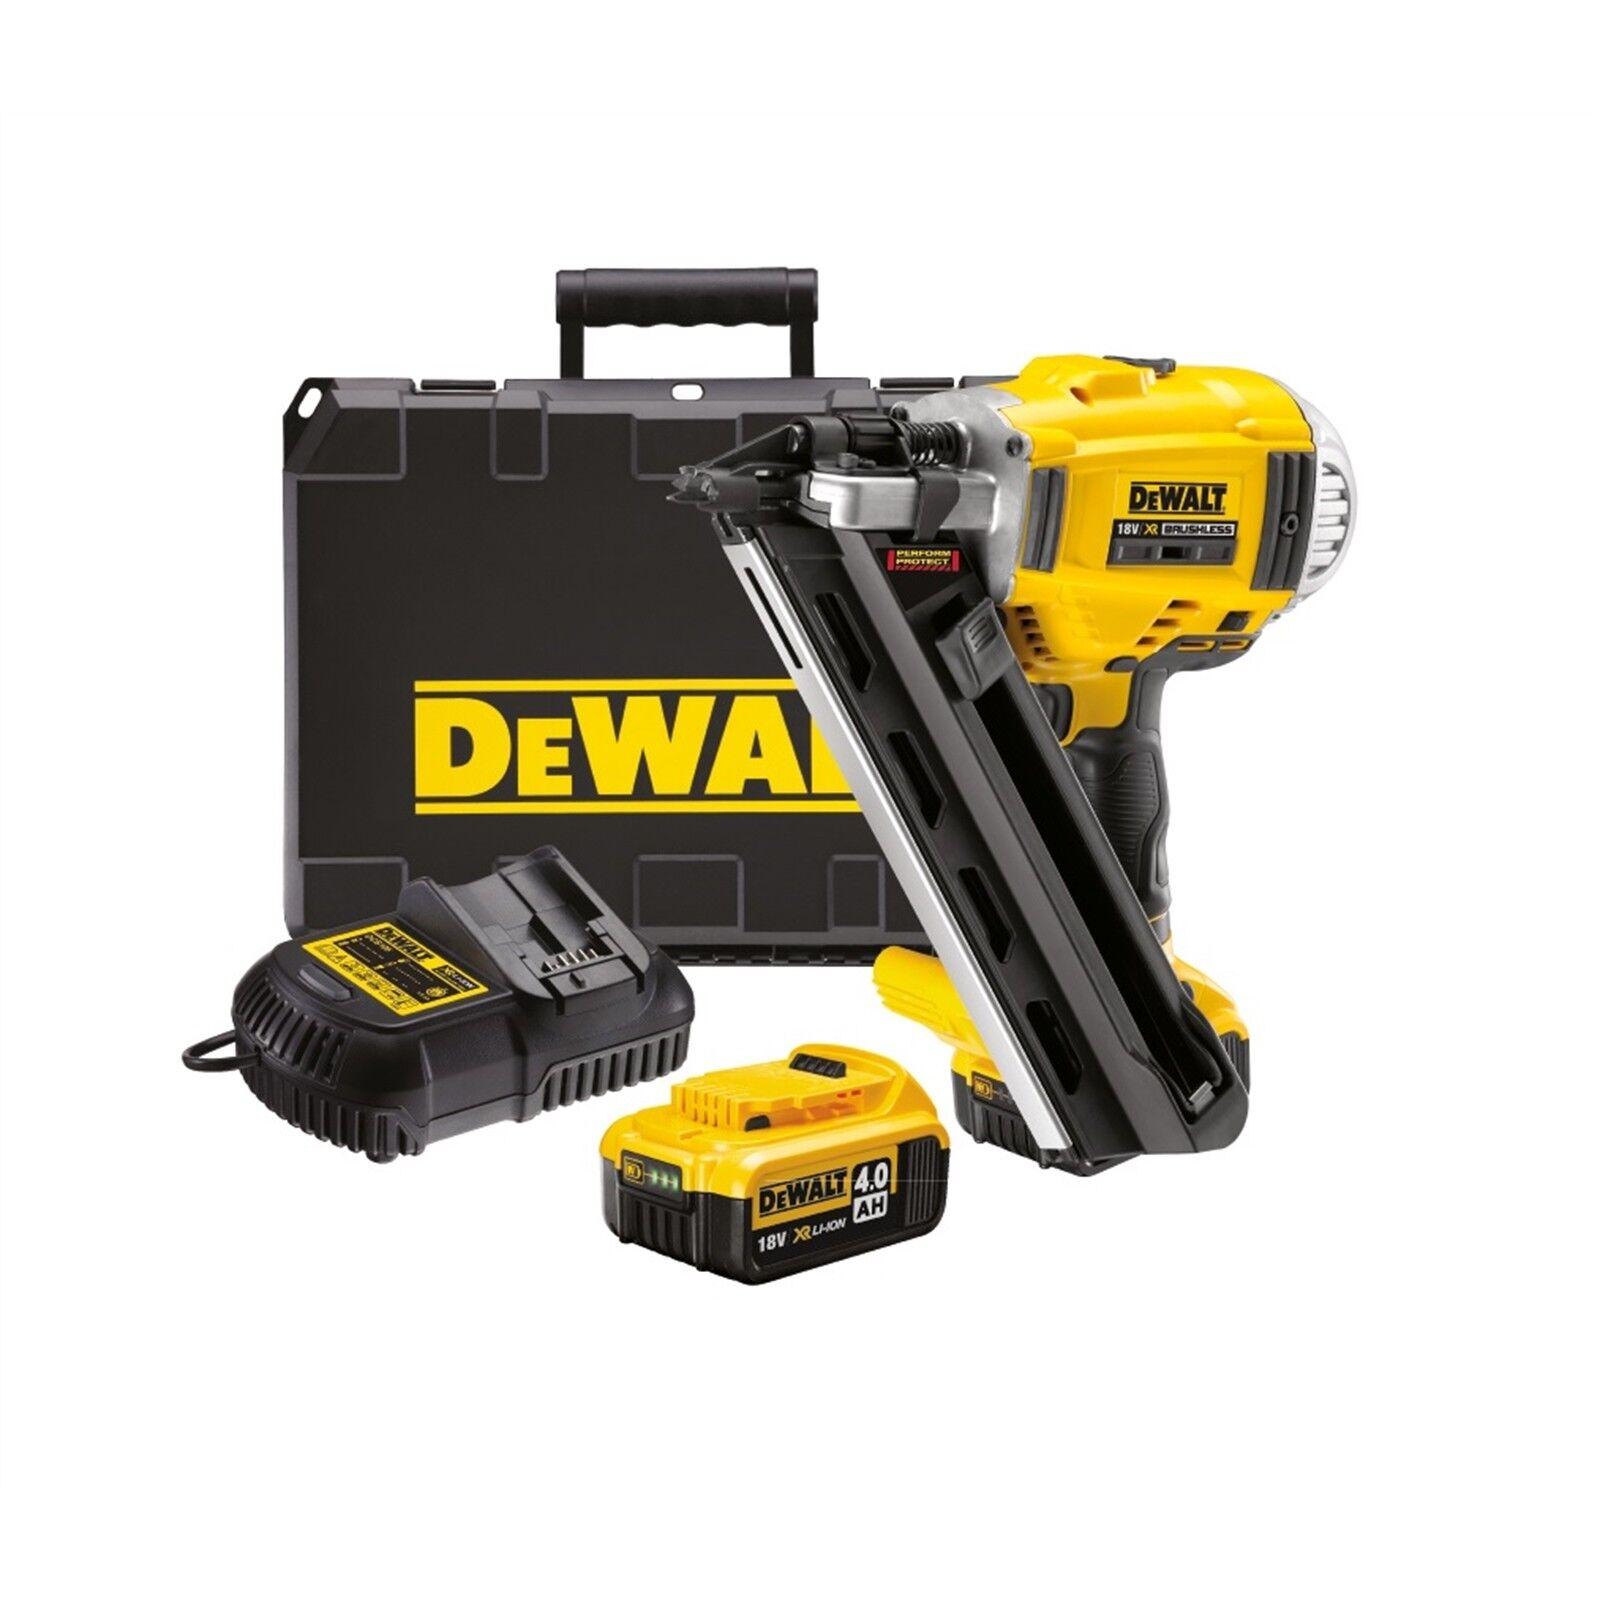 DeWalt 18v Brushless Two Speed Framing Nailer Kit with 2 x 4.0Ah Li-Ion Batterie